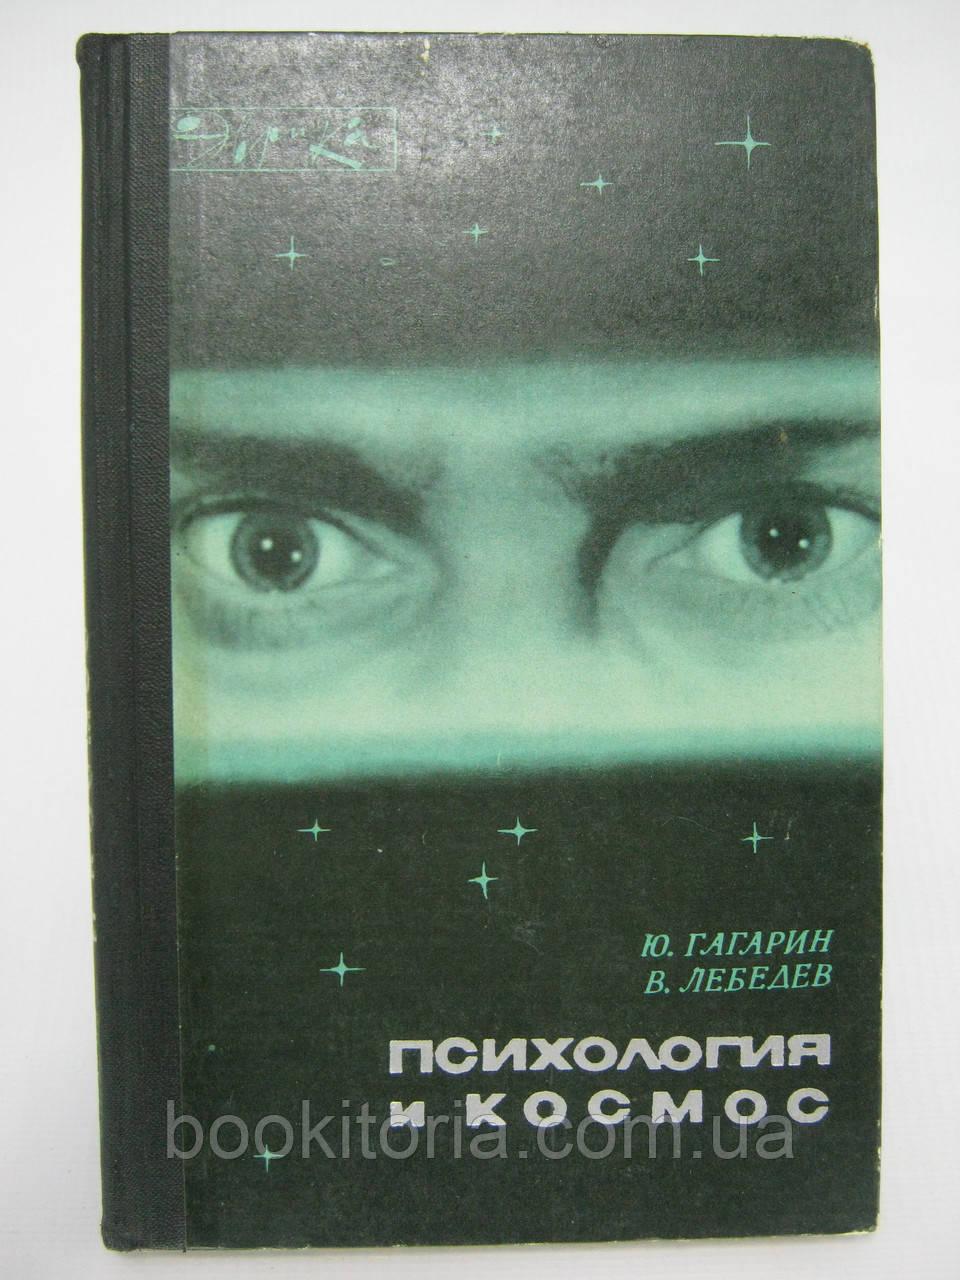 Гагарин Ю., Лебедев В. Психология и космос (б/у).